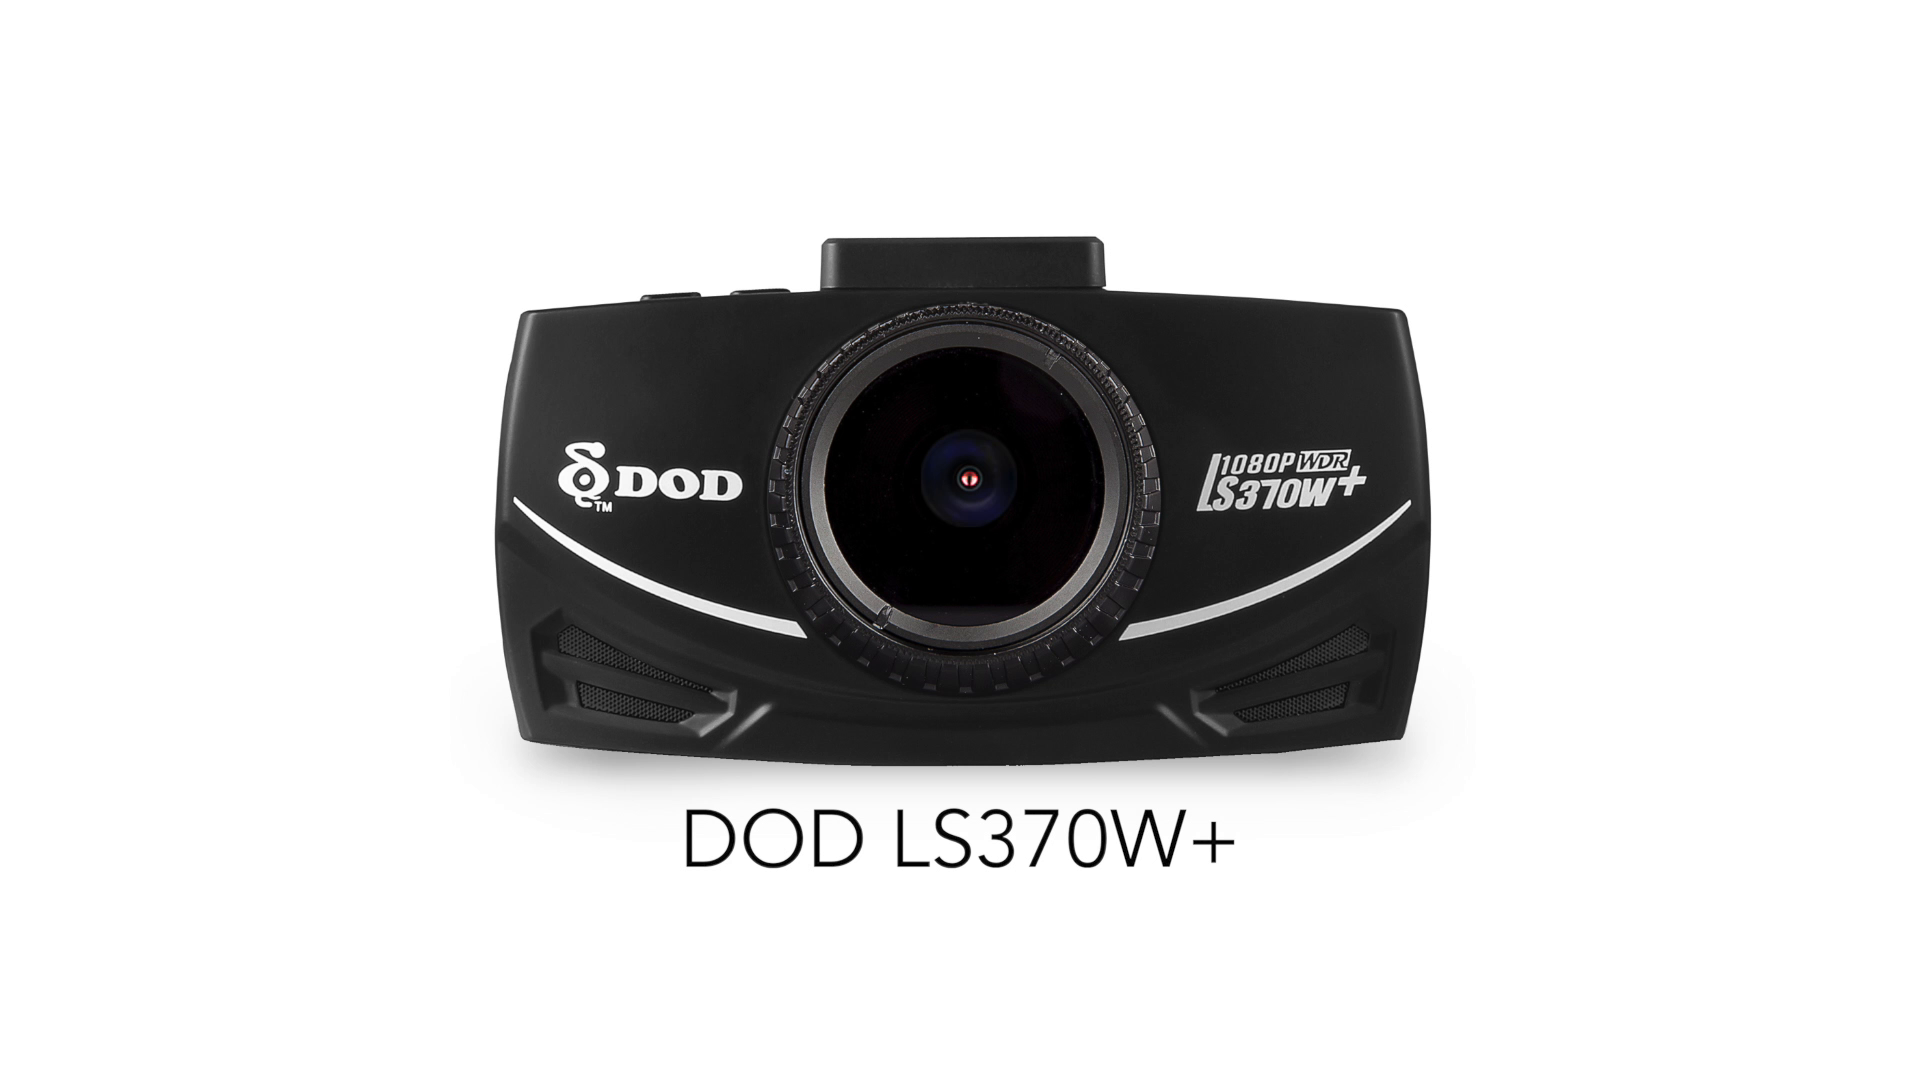 Dod ls370w high definition dash cam with 32 gb microsd card